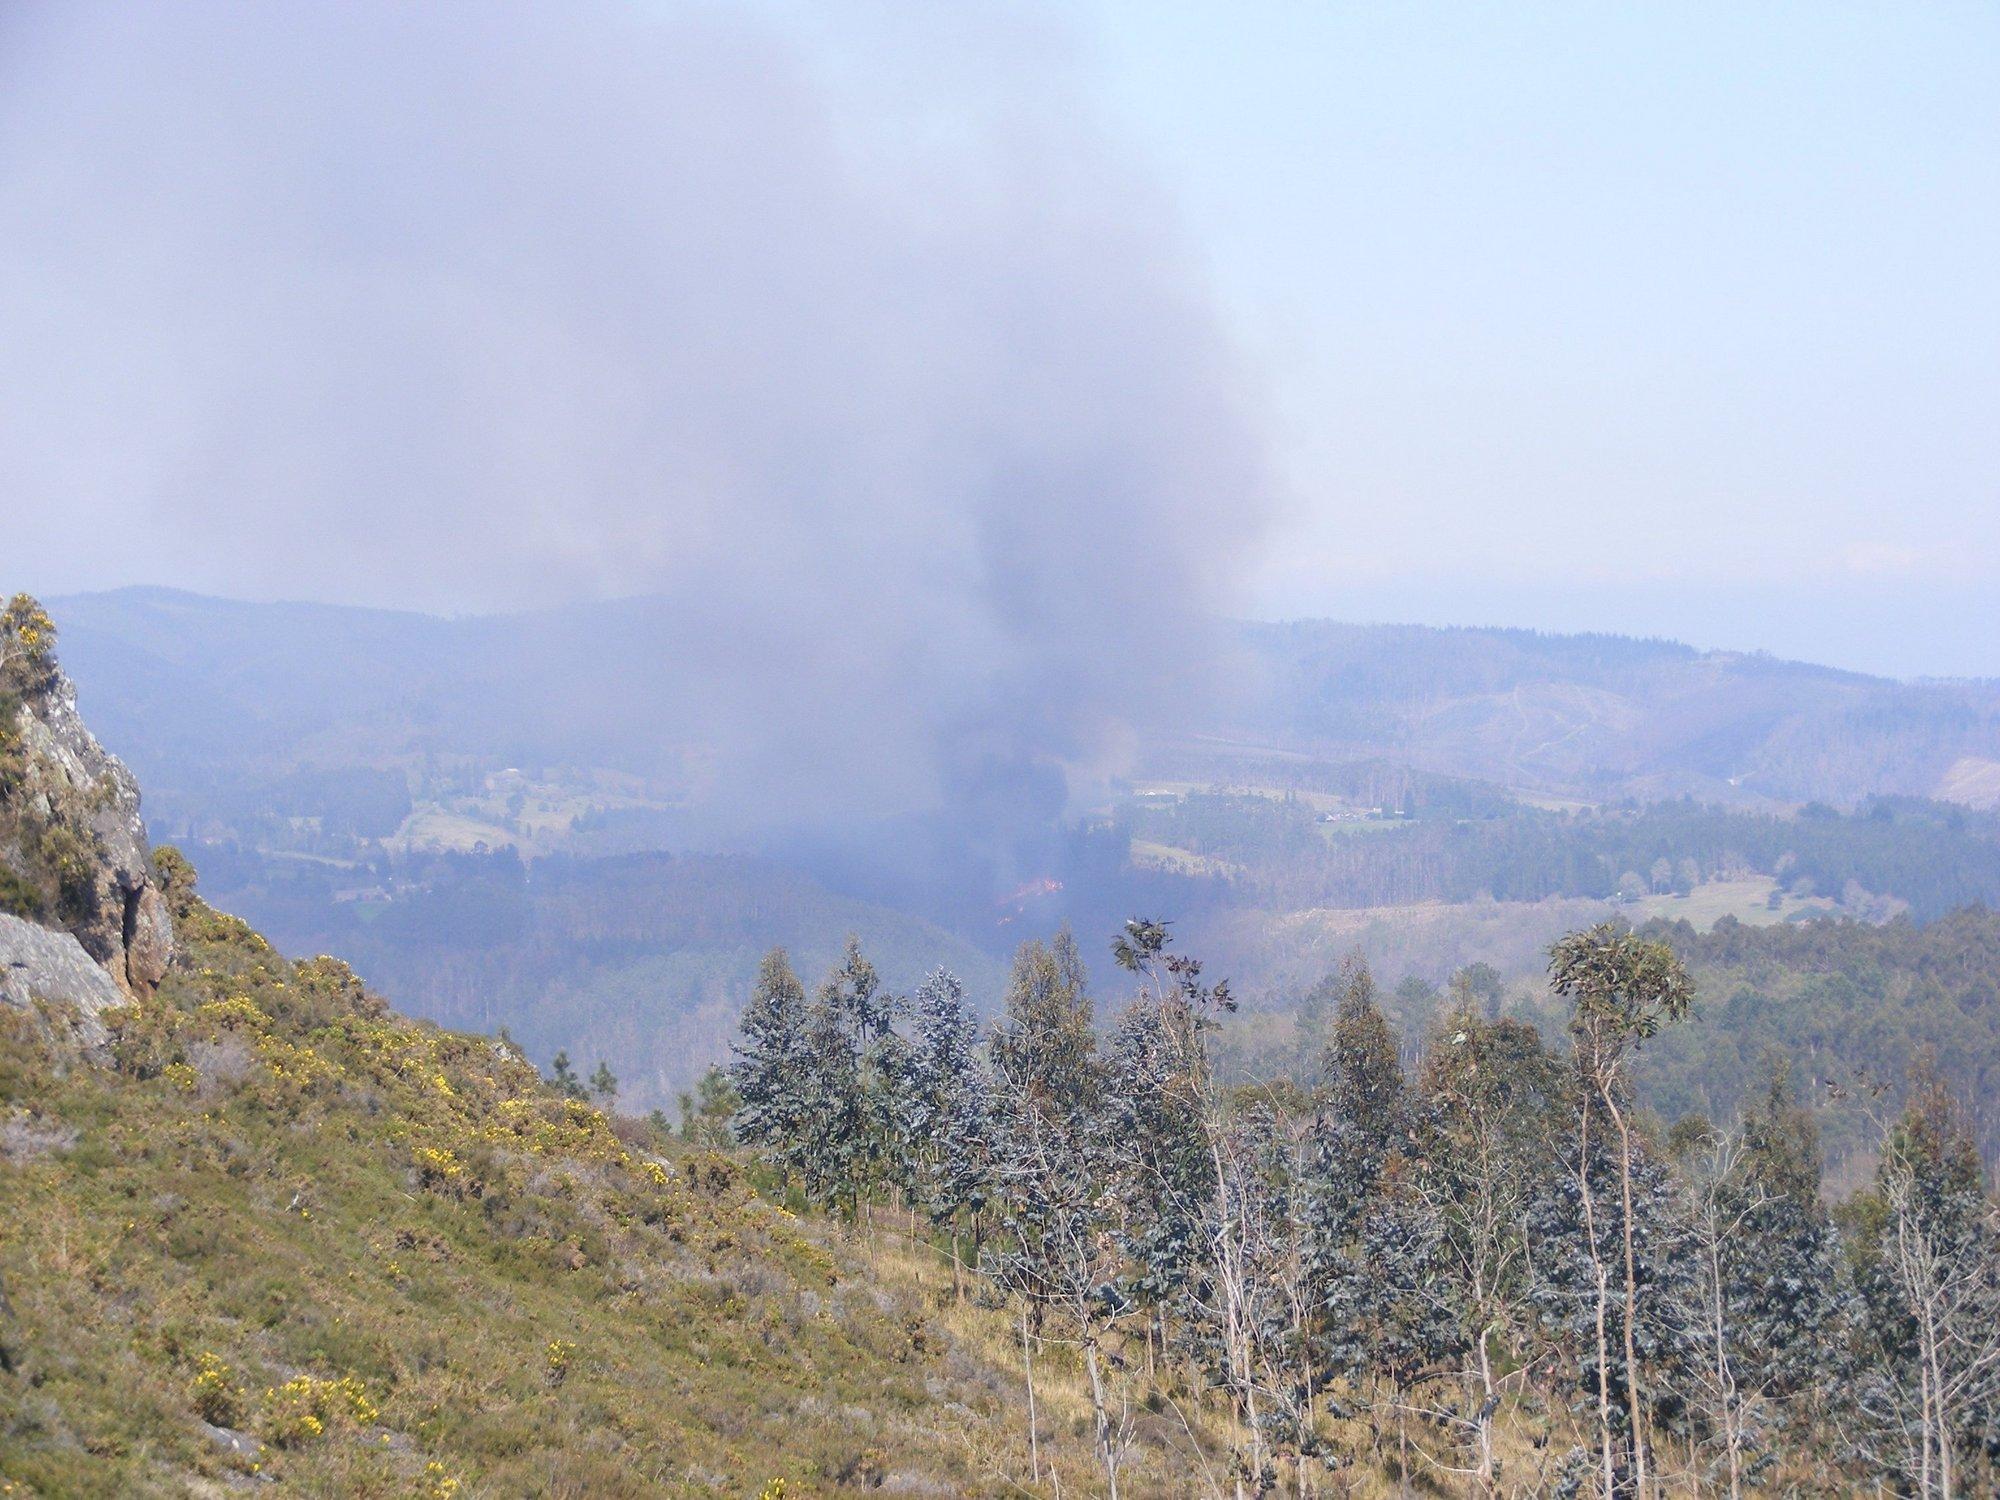 El Consello Consultivo de las Fragas do Eume convoca un pleno extraordinario tras el incendio en la zona